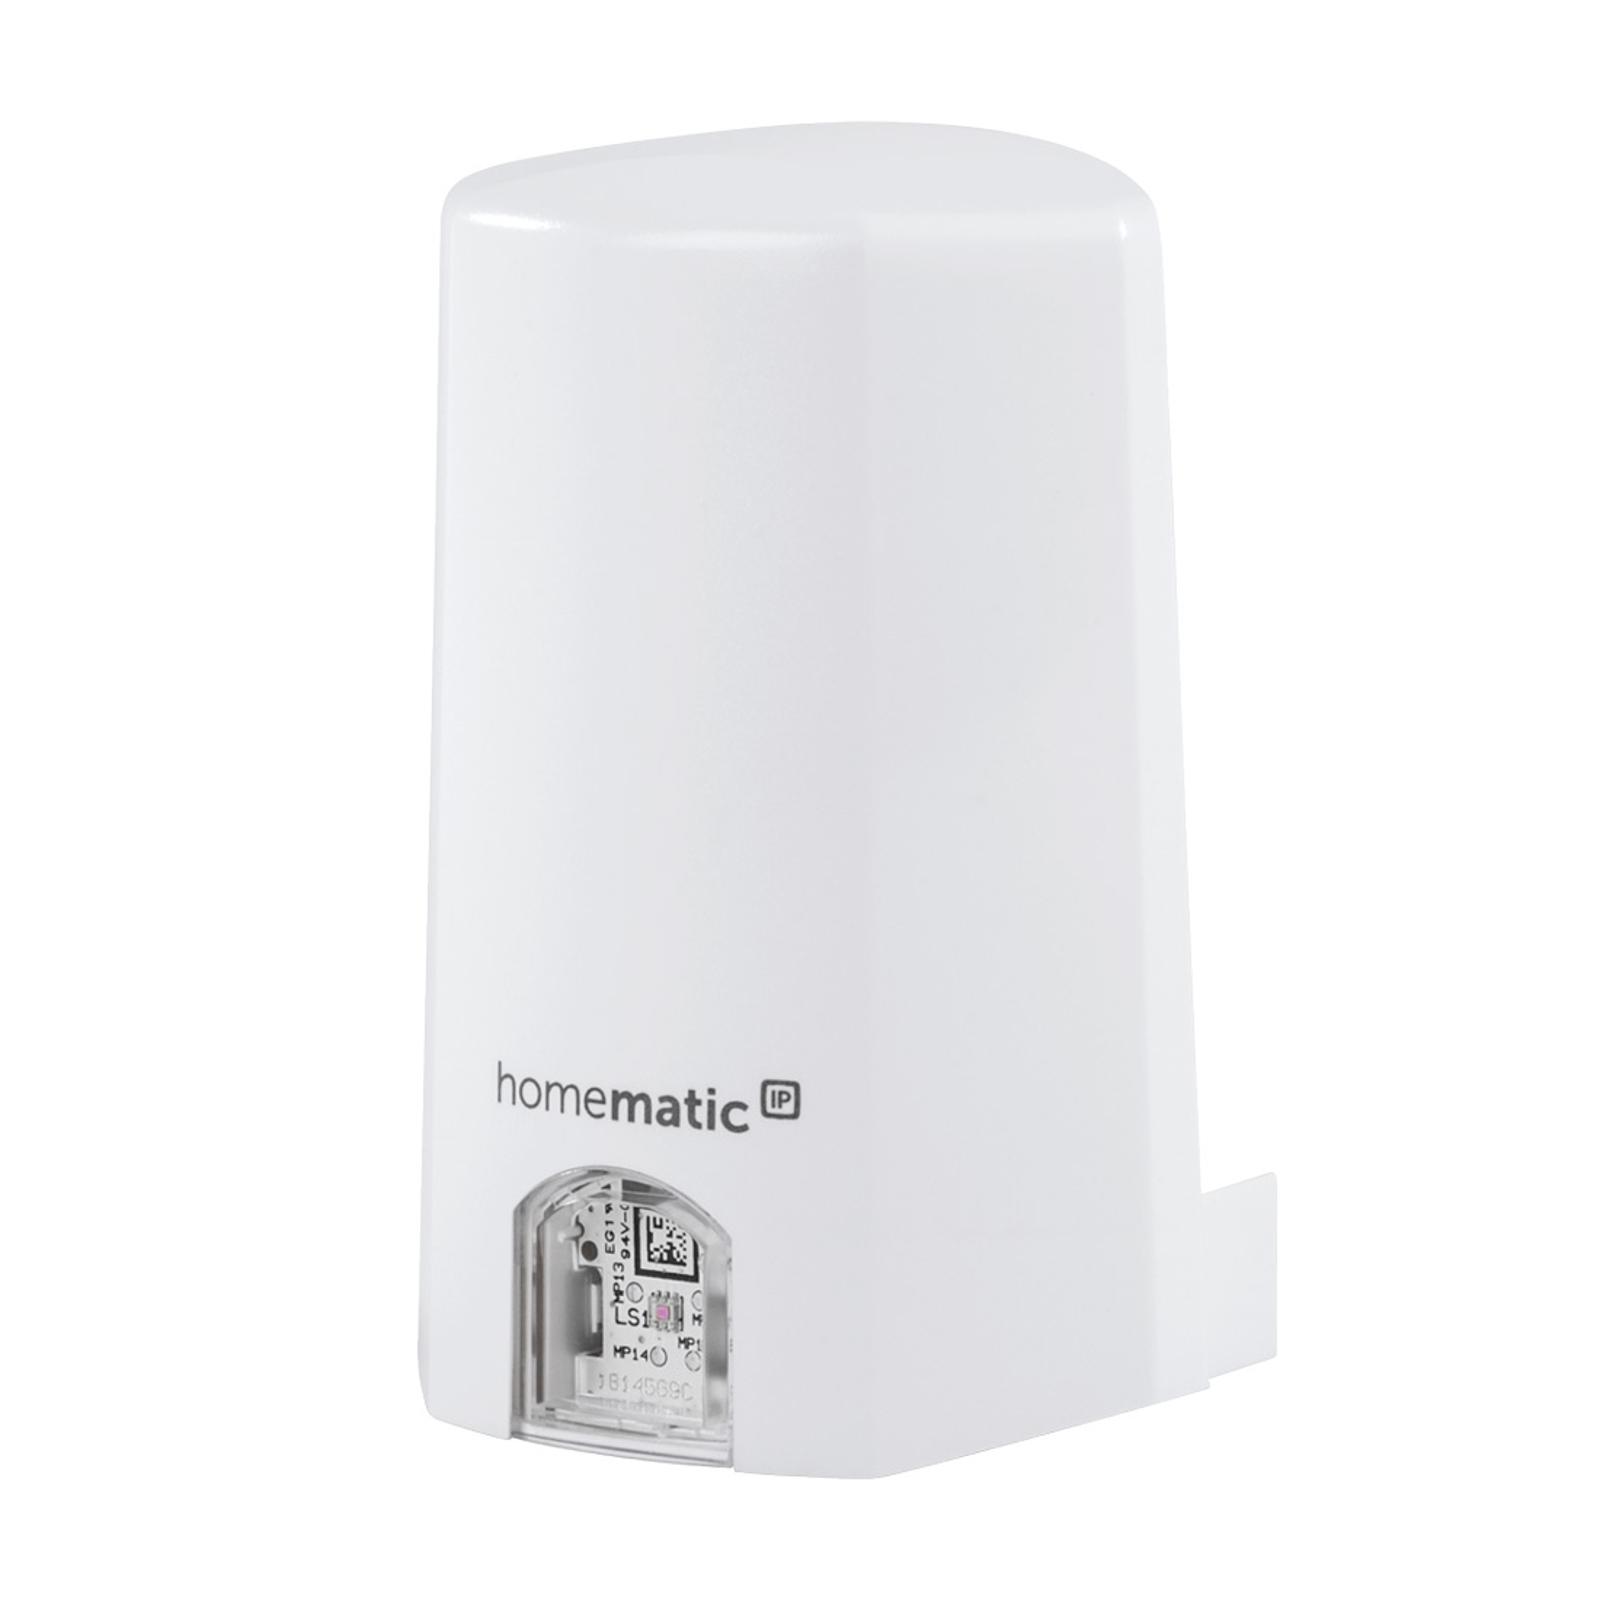 Homematic IP czujnik światła, obszar zewnętrzny